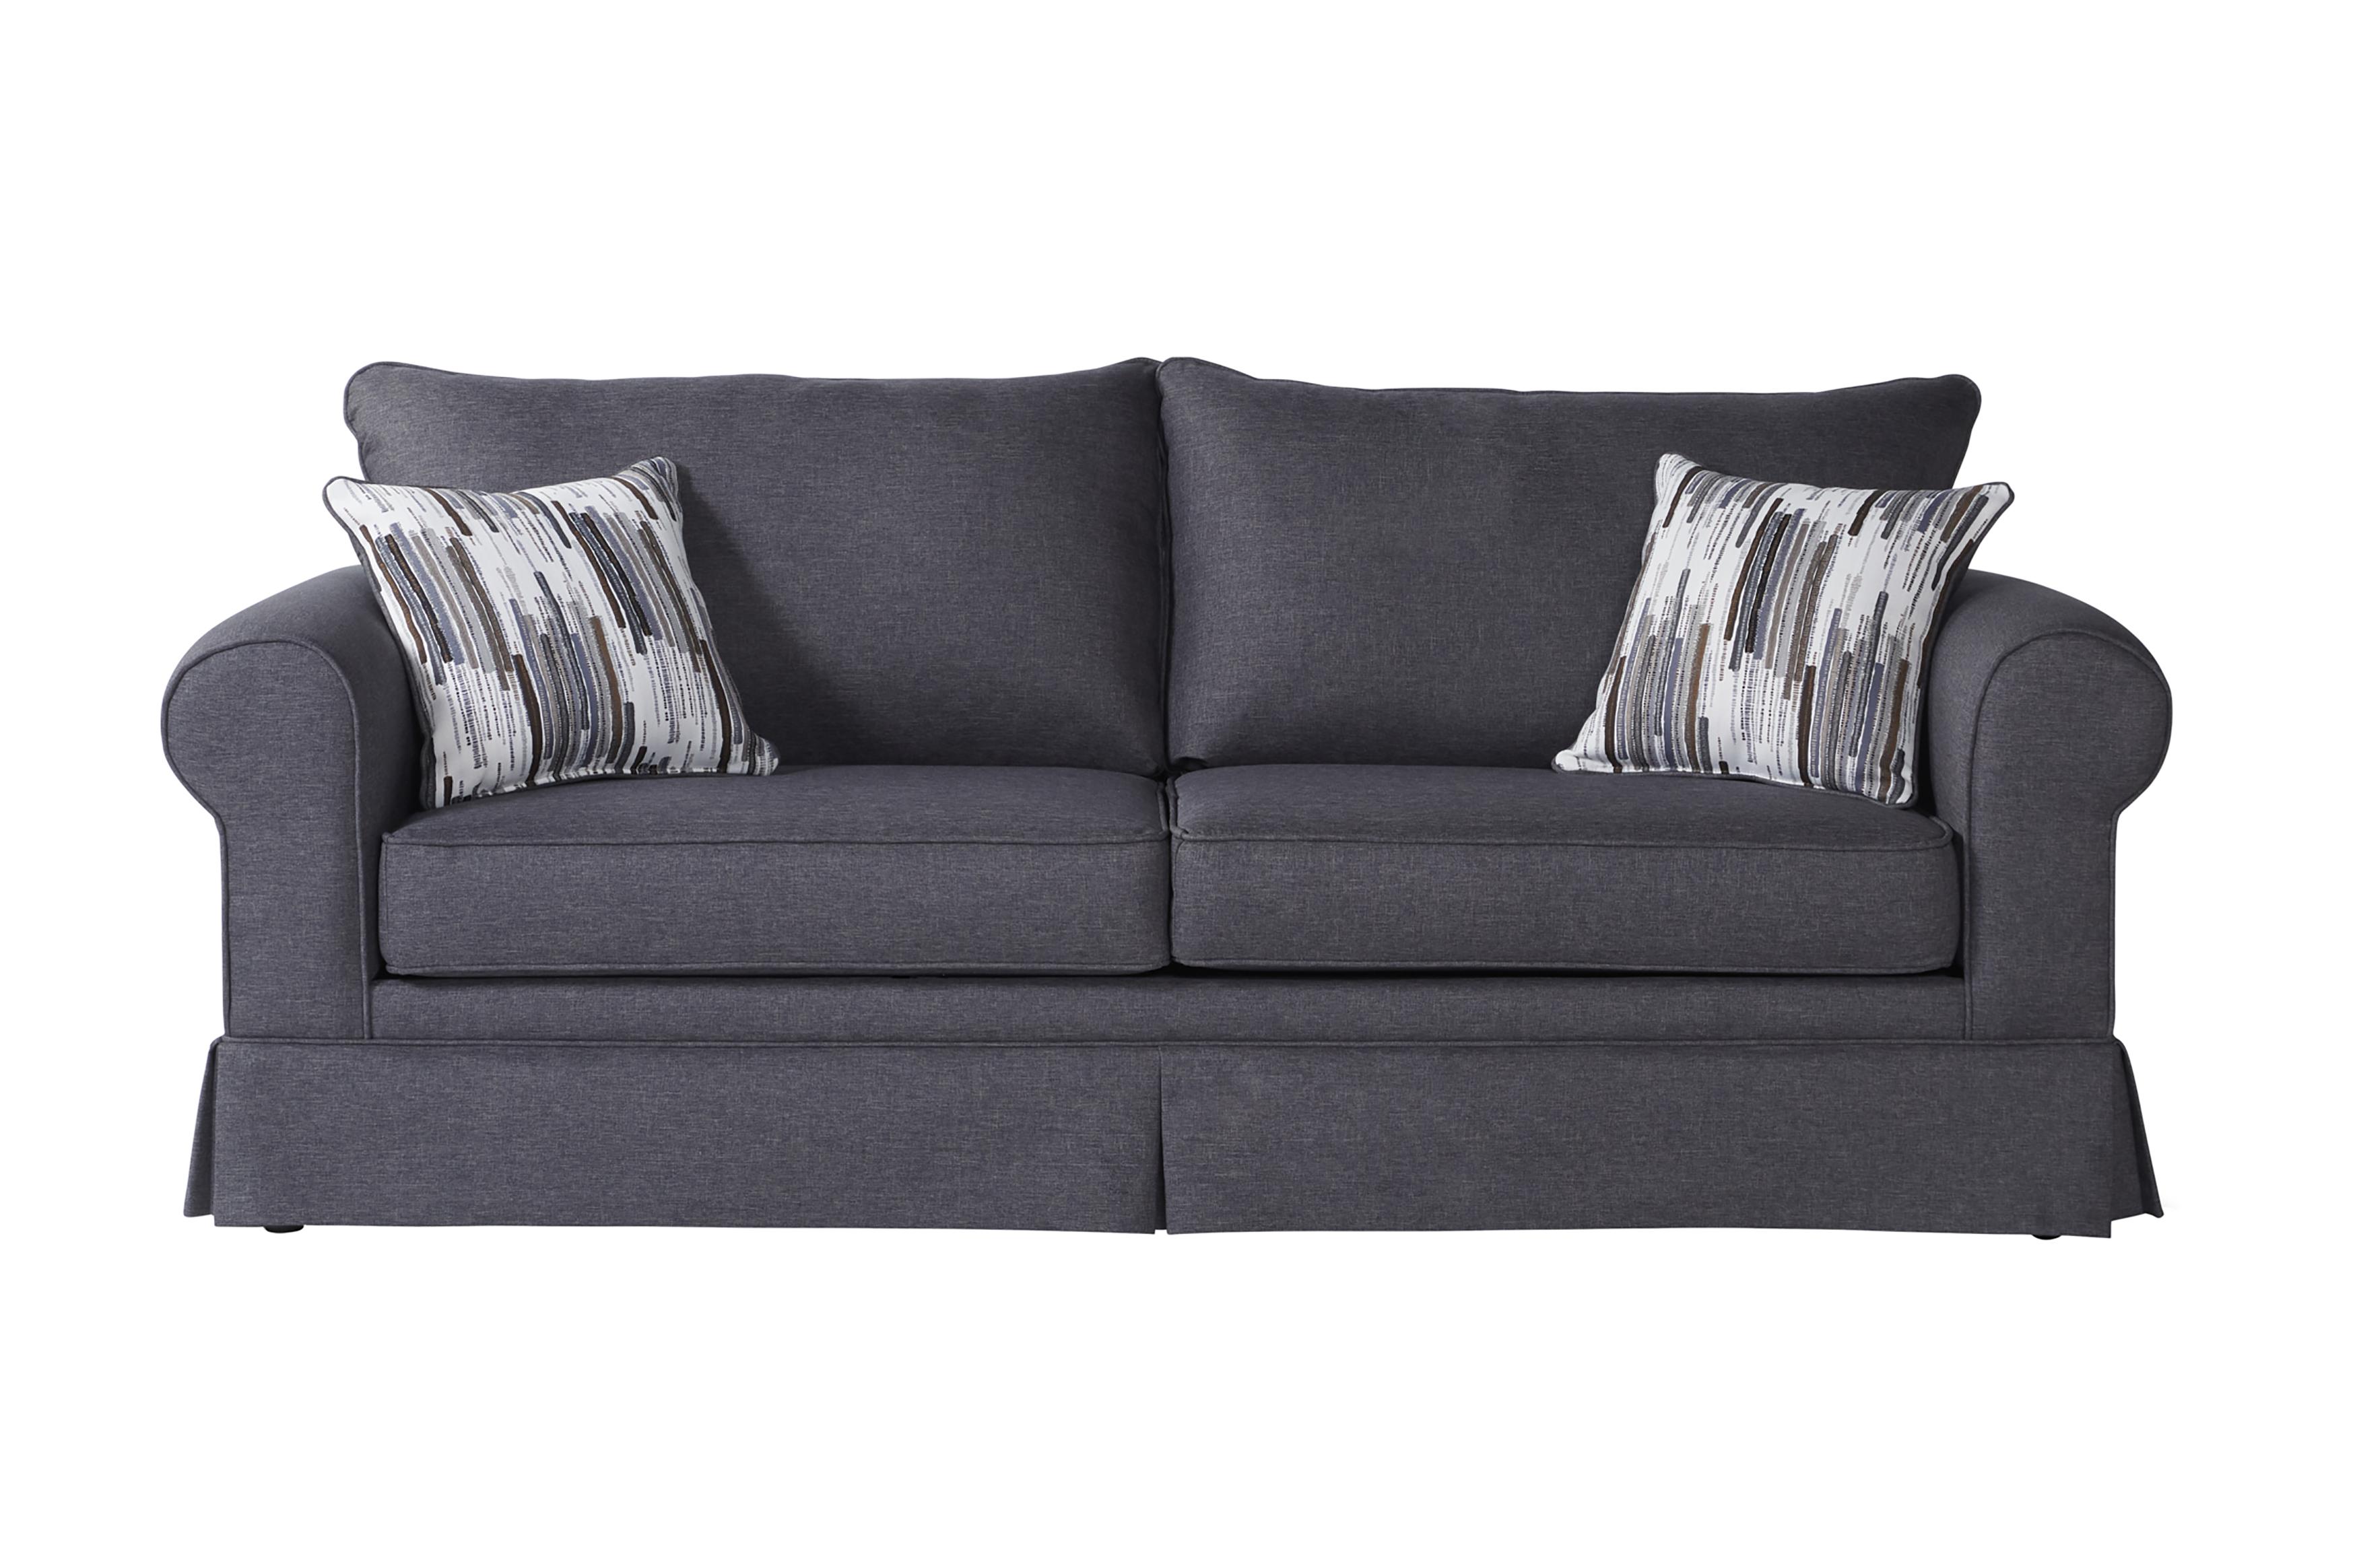 16250 Sofa